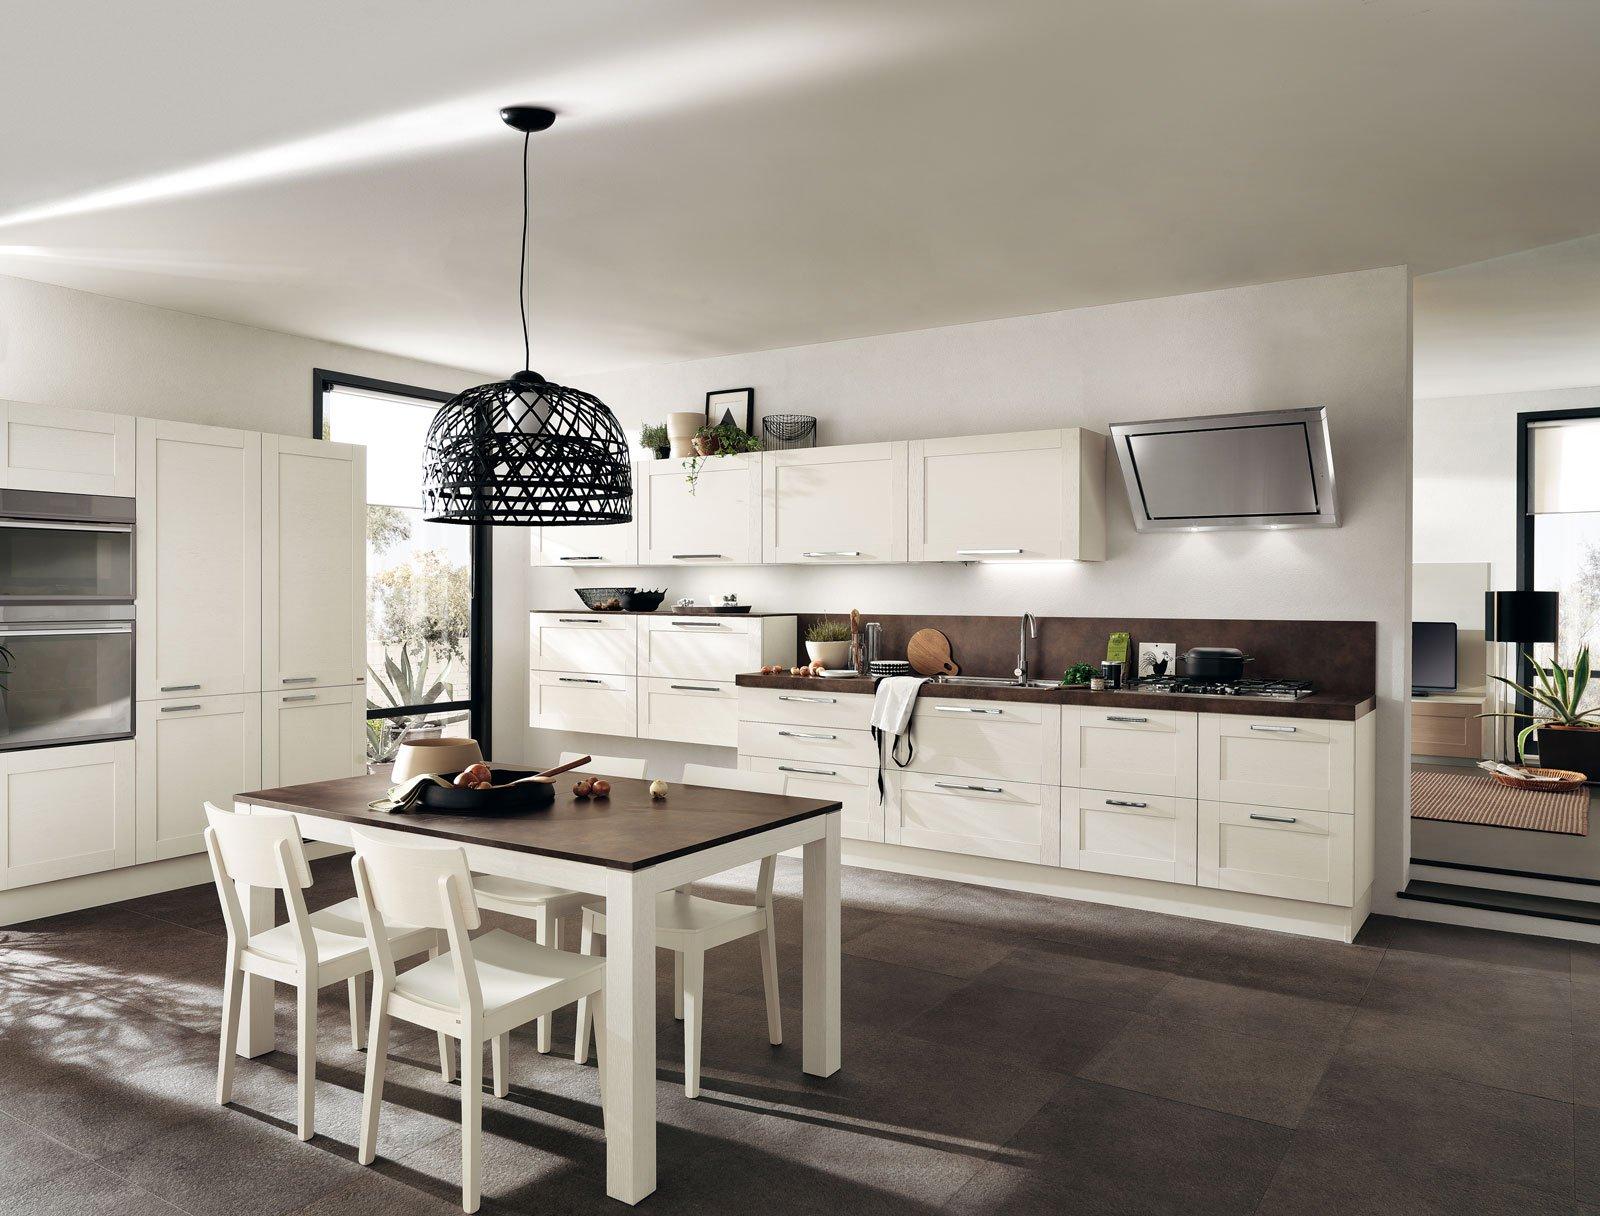 Cucine in legno tradizionali country o moderne cose di for Piani di casa tradizionali